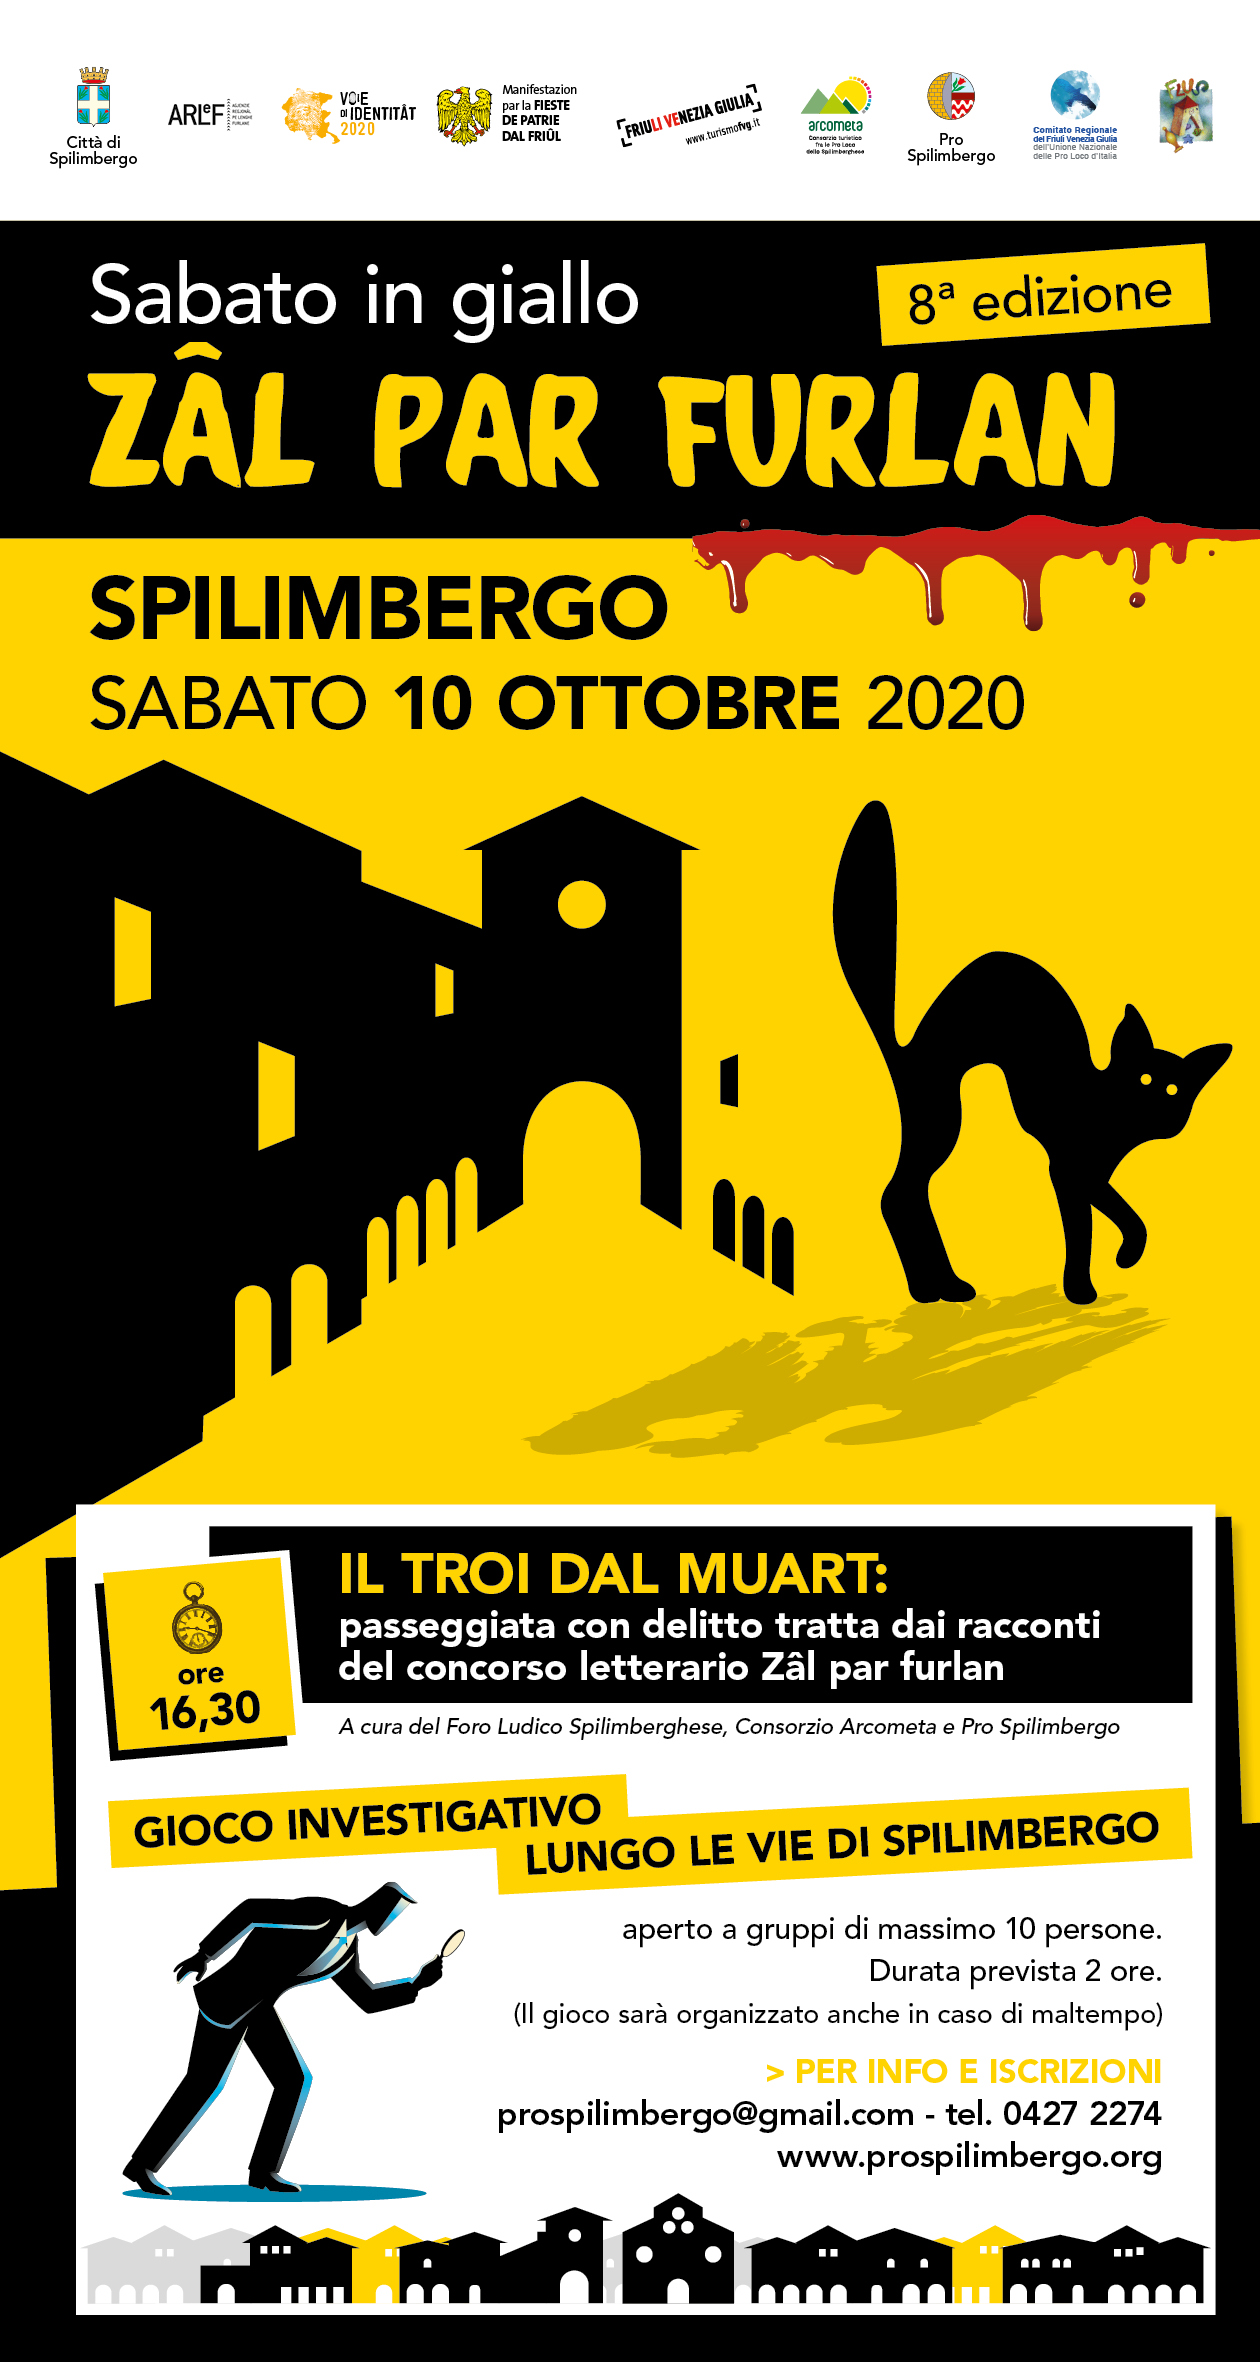 Locandina sabato in giallo Il Troi dal muart web